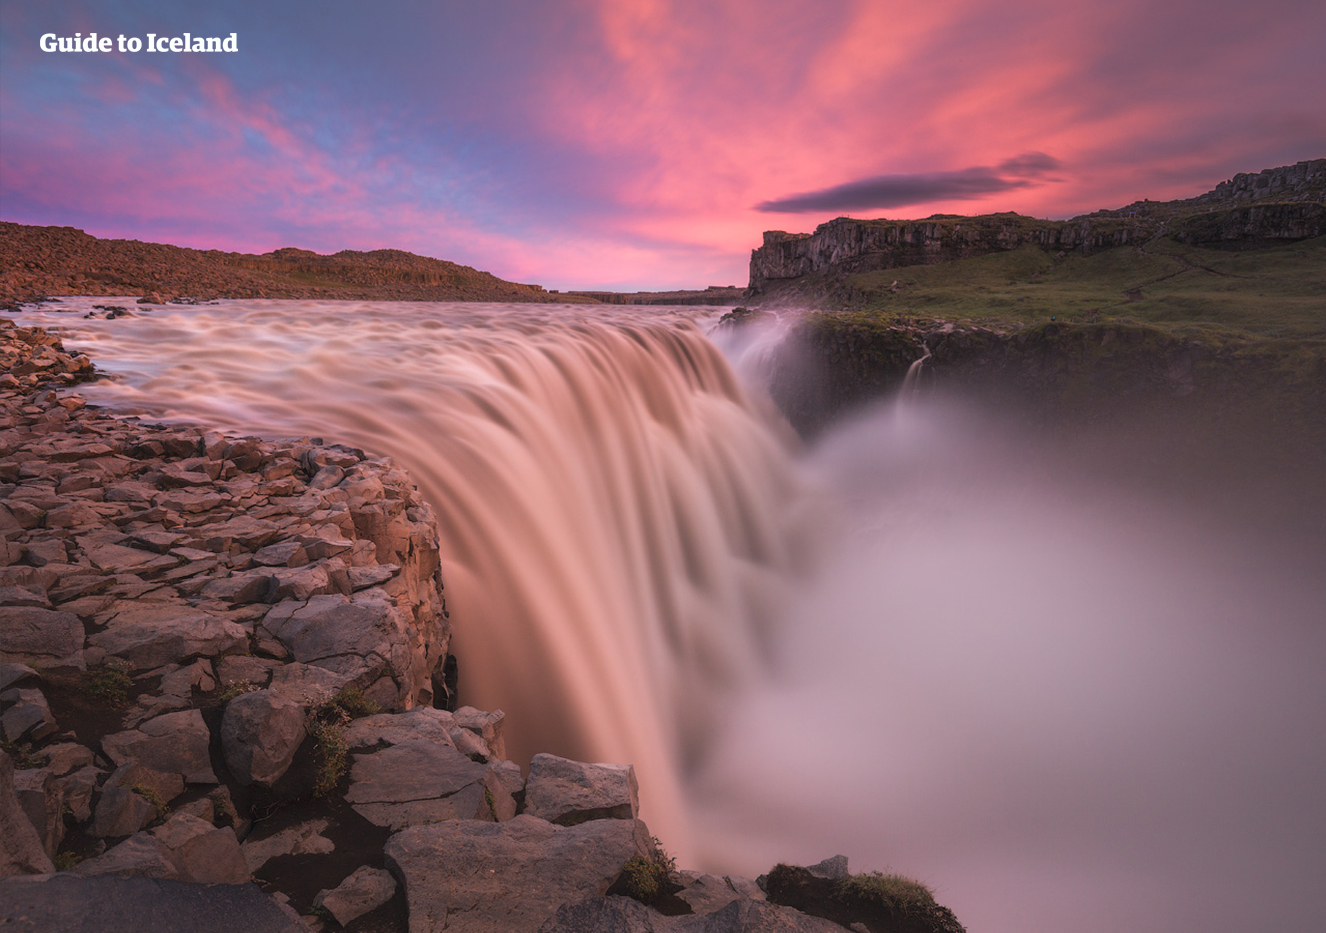 W północnej części Islandii znajduje się Dettifoss, ryczący i wzbudzający podziw wodospad, o którym mówi się, że jest najpotężniejszą kaskadą w Europie.